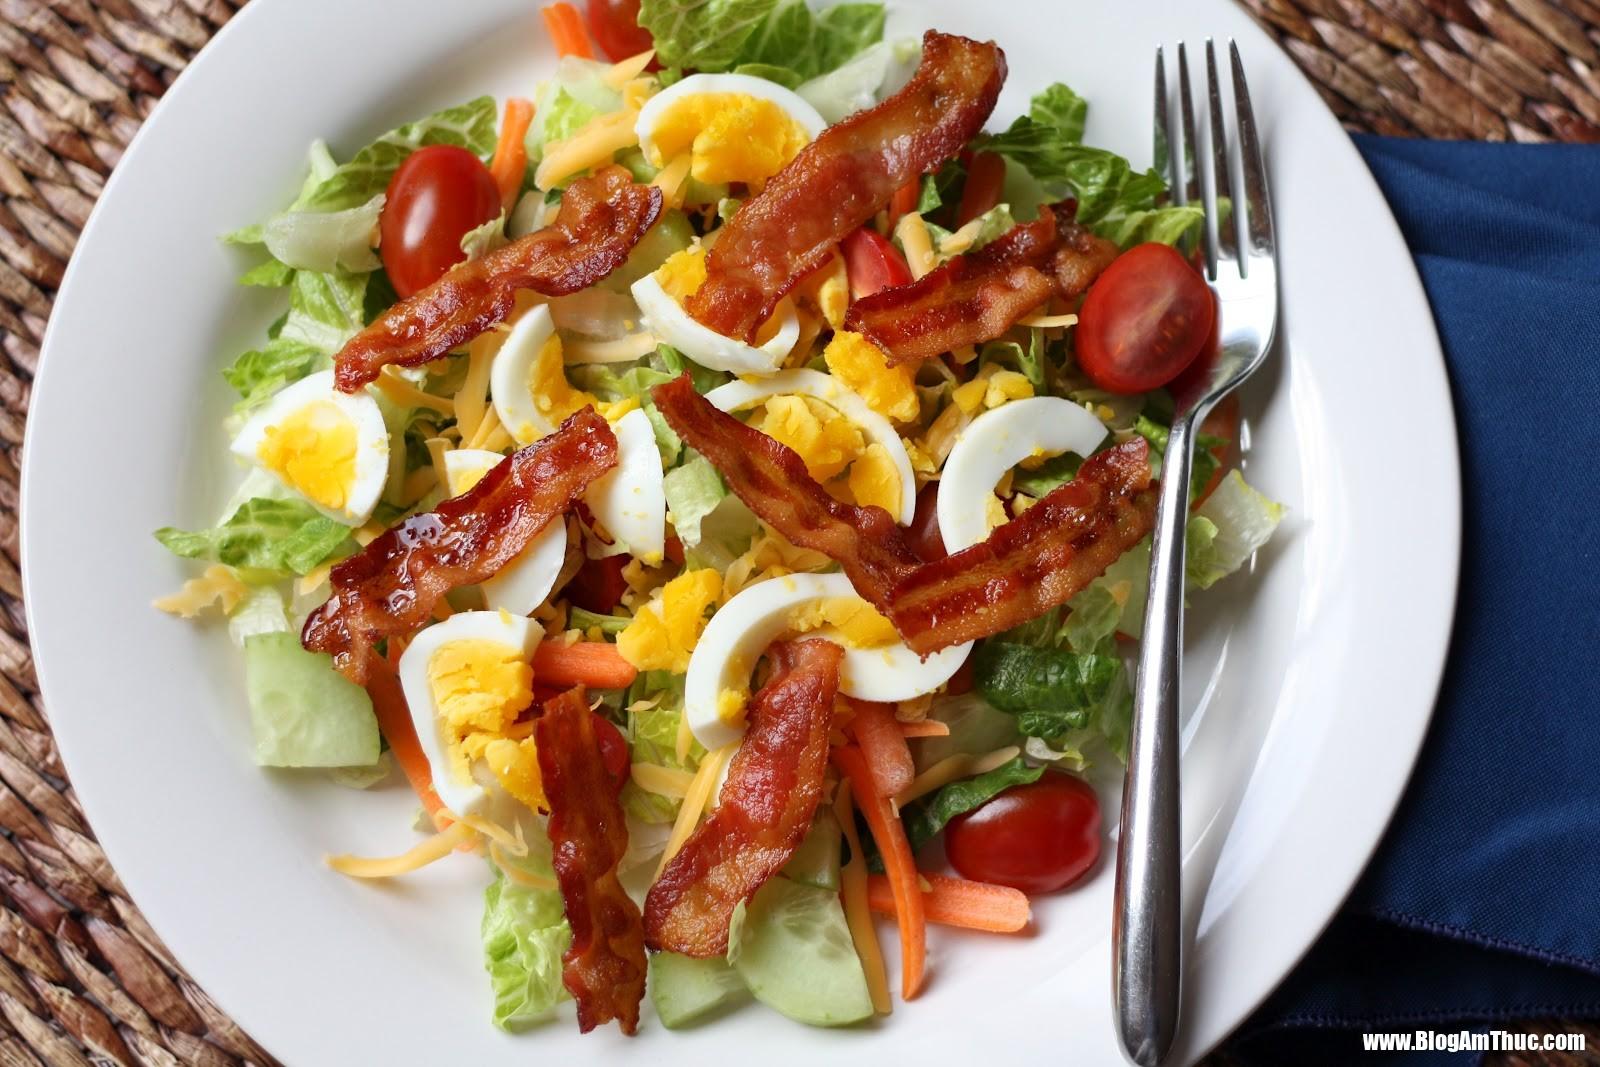 bltsalad 1 Những bữa sáng đầy đủ chất dinh dưỡng với trứng